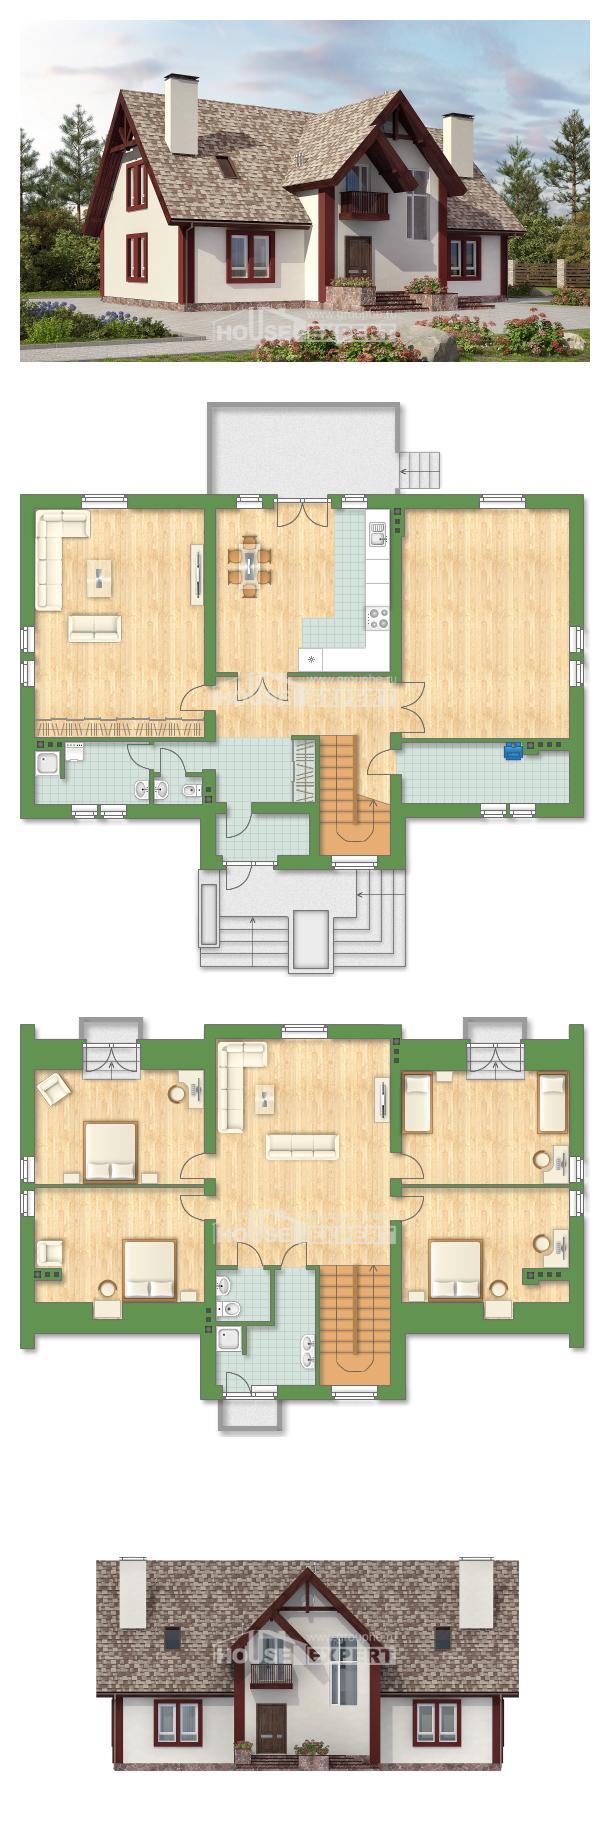 Plan 300-008-L | House Expert